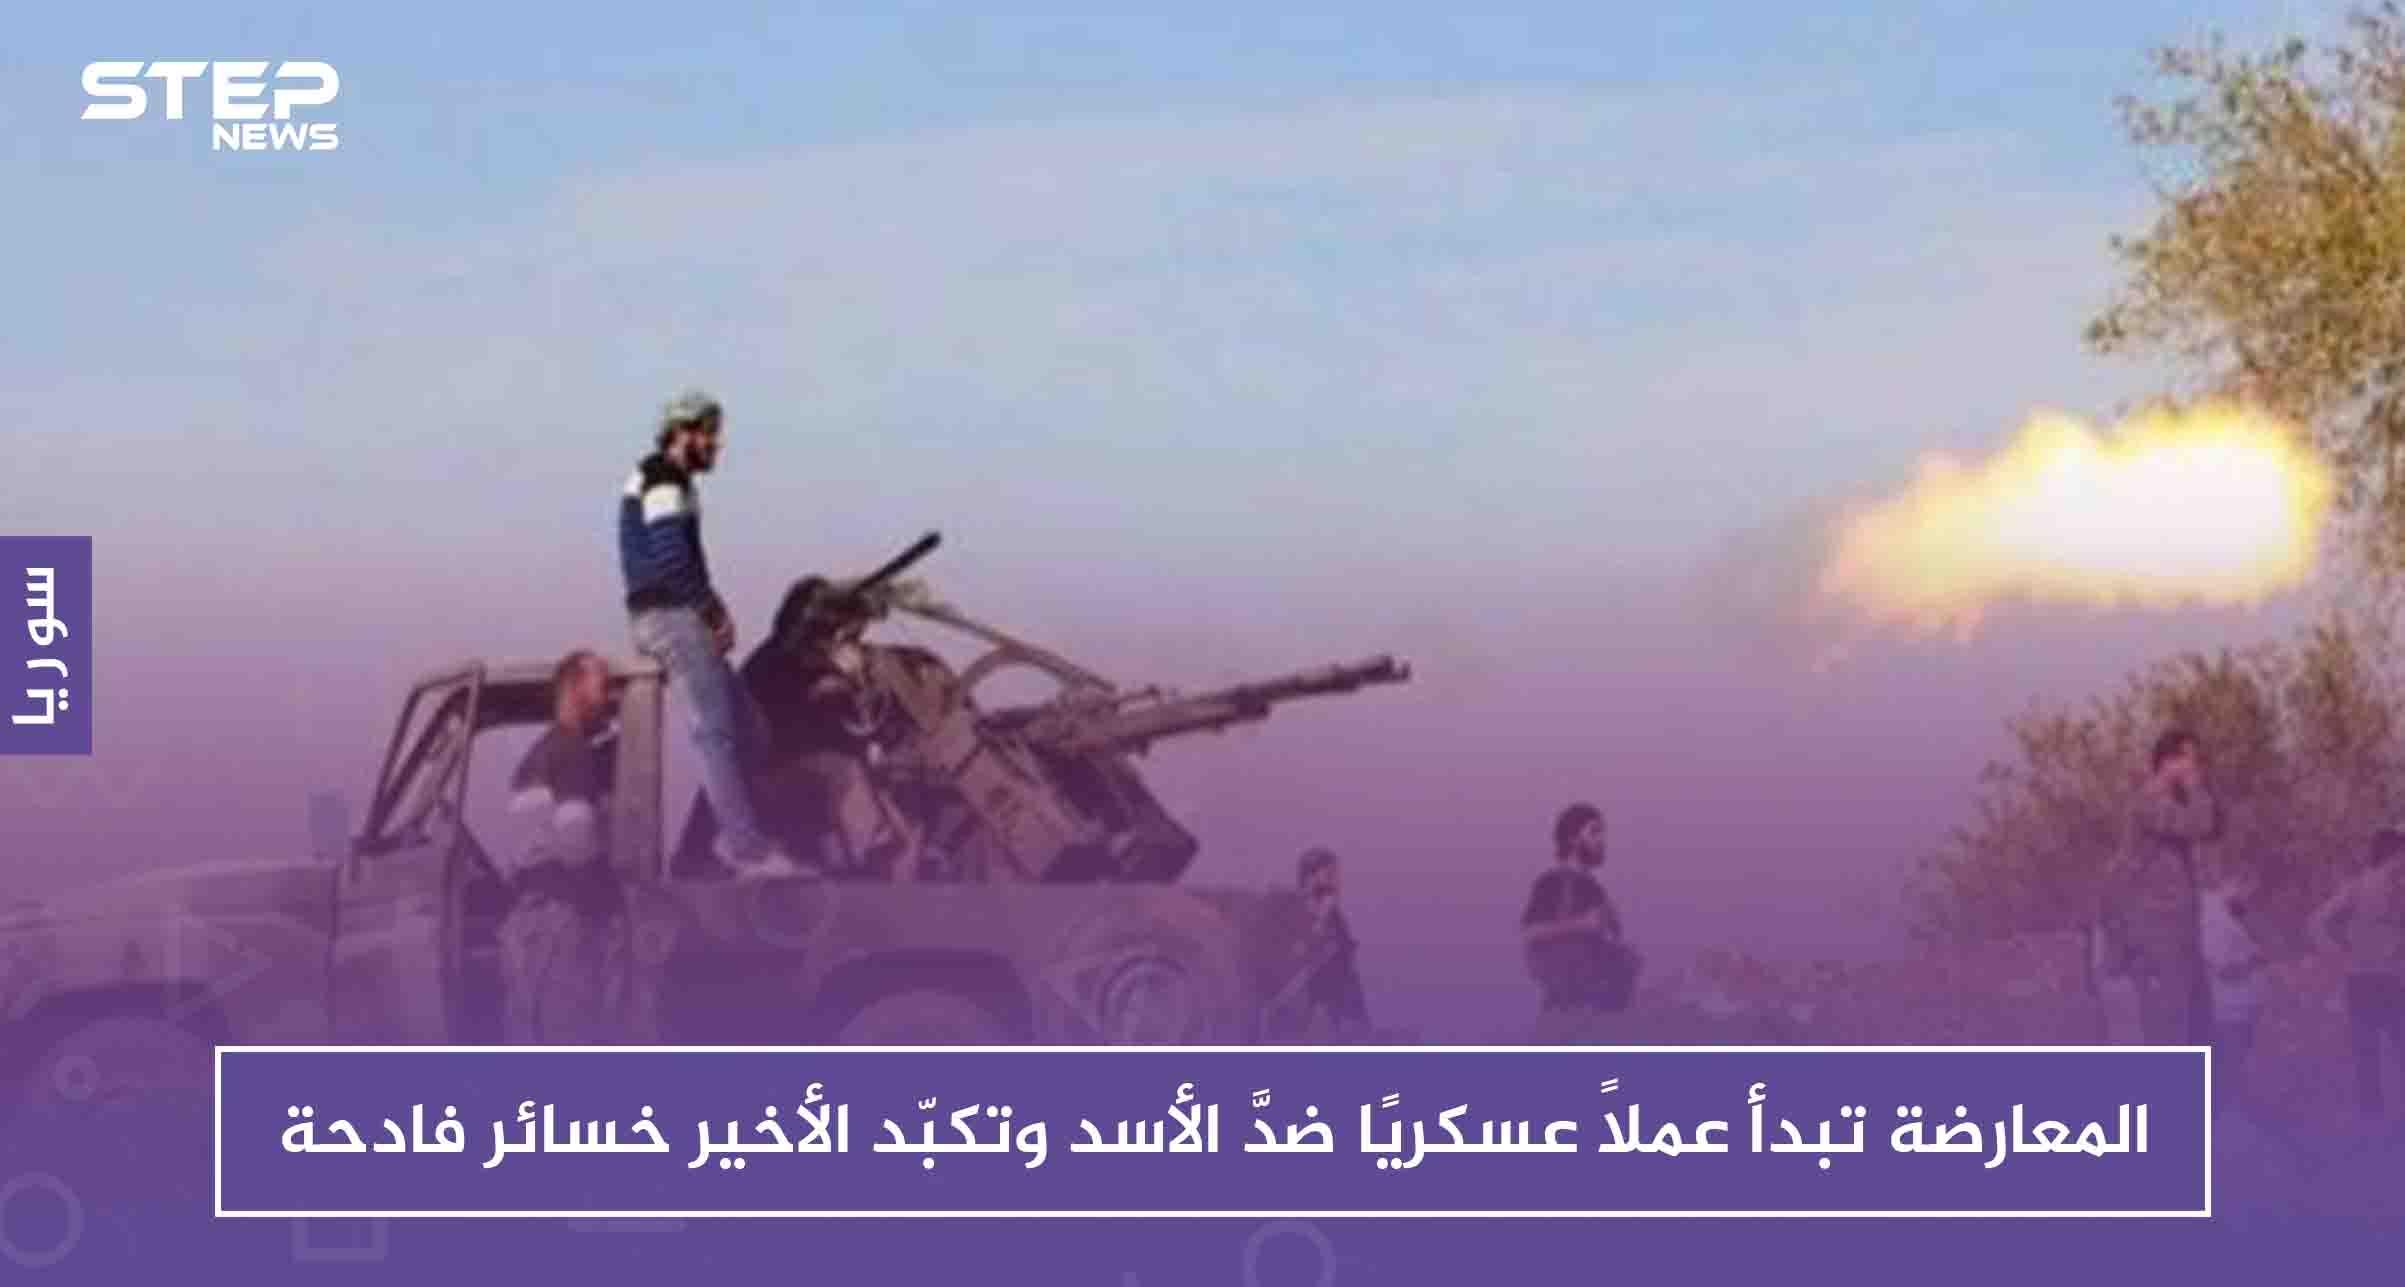 المعارضة تبدأ عملاً عسكريًا ضدَّ الأسد وتكبّد الأخير خسائر فادحة